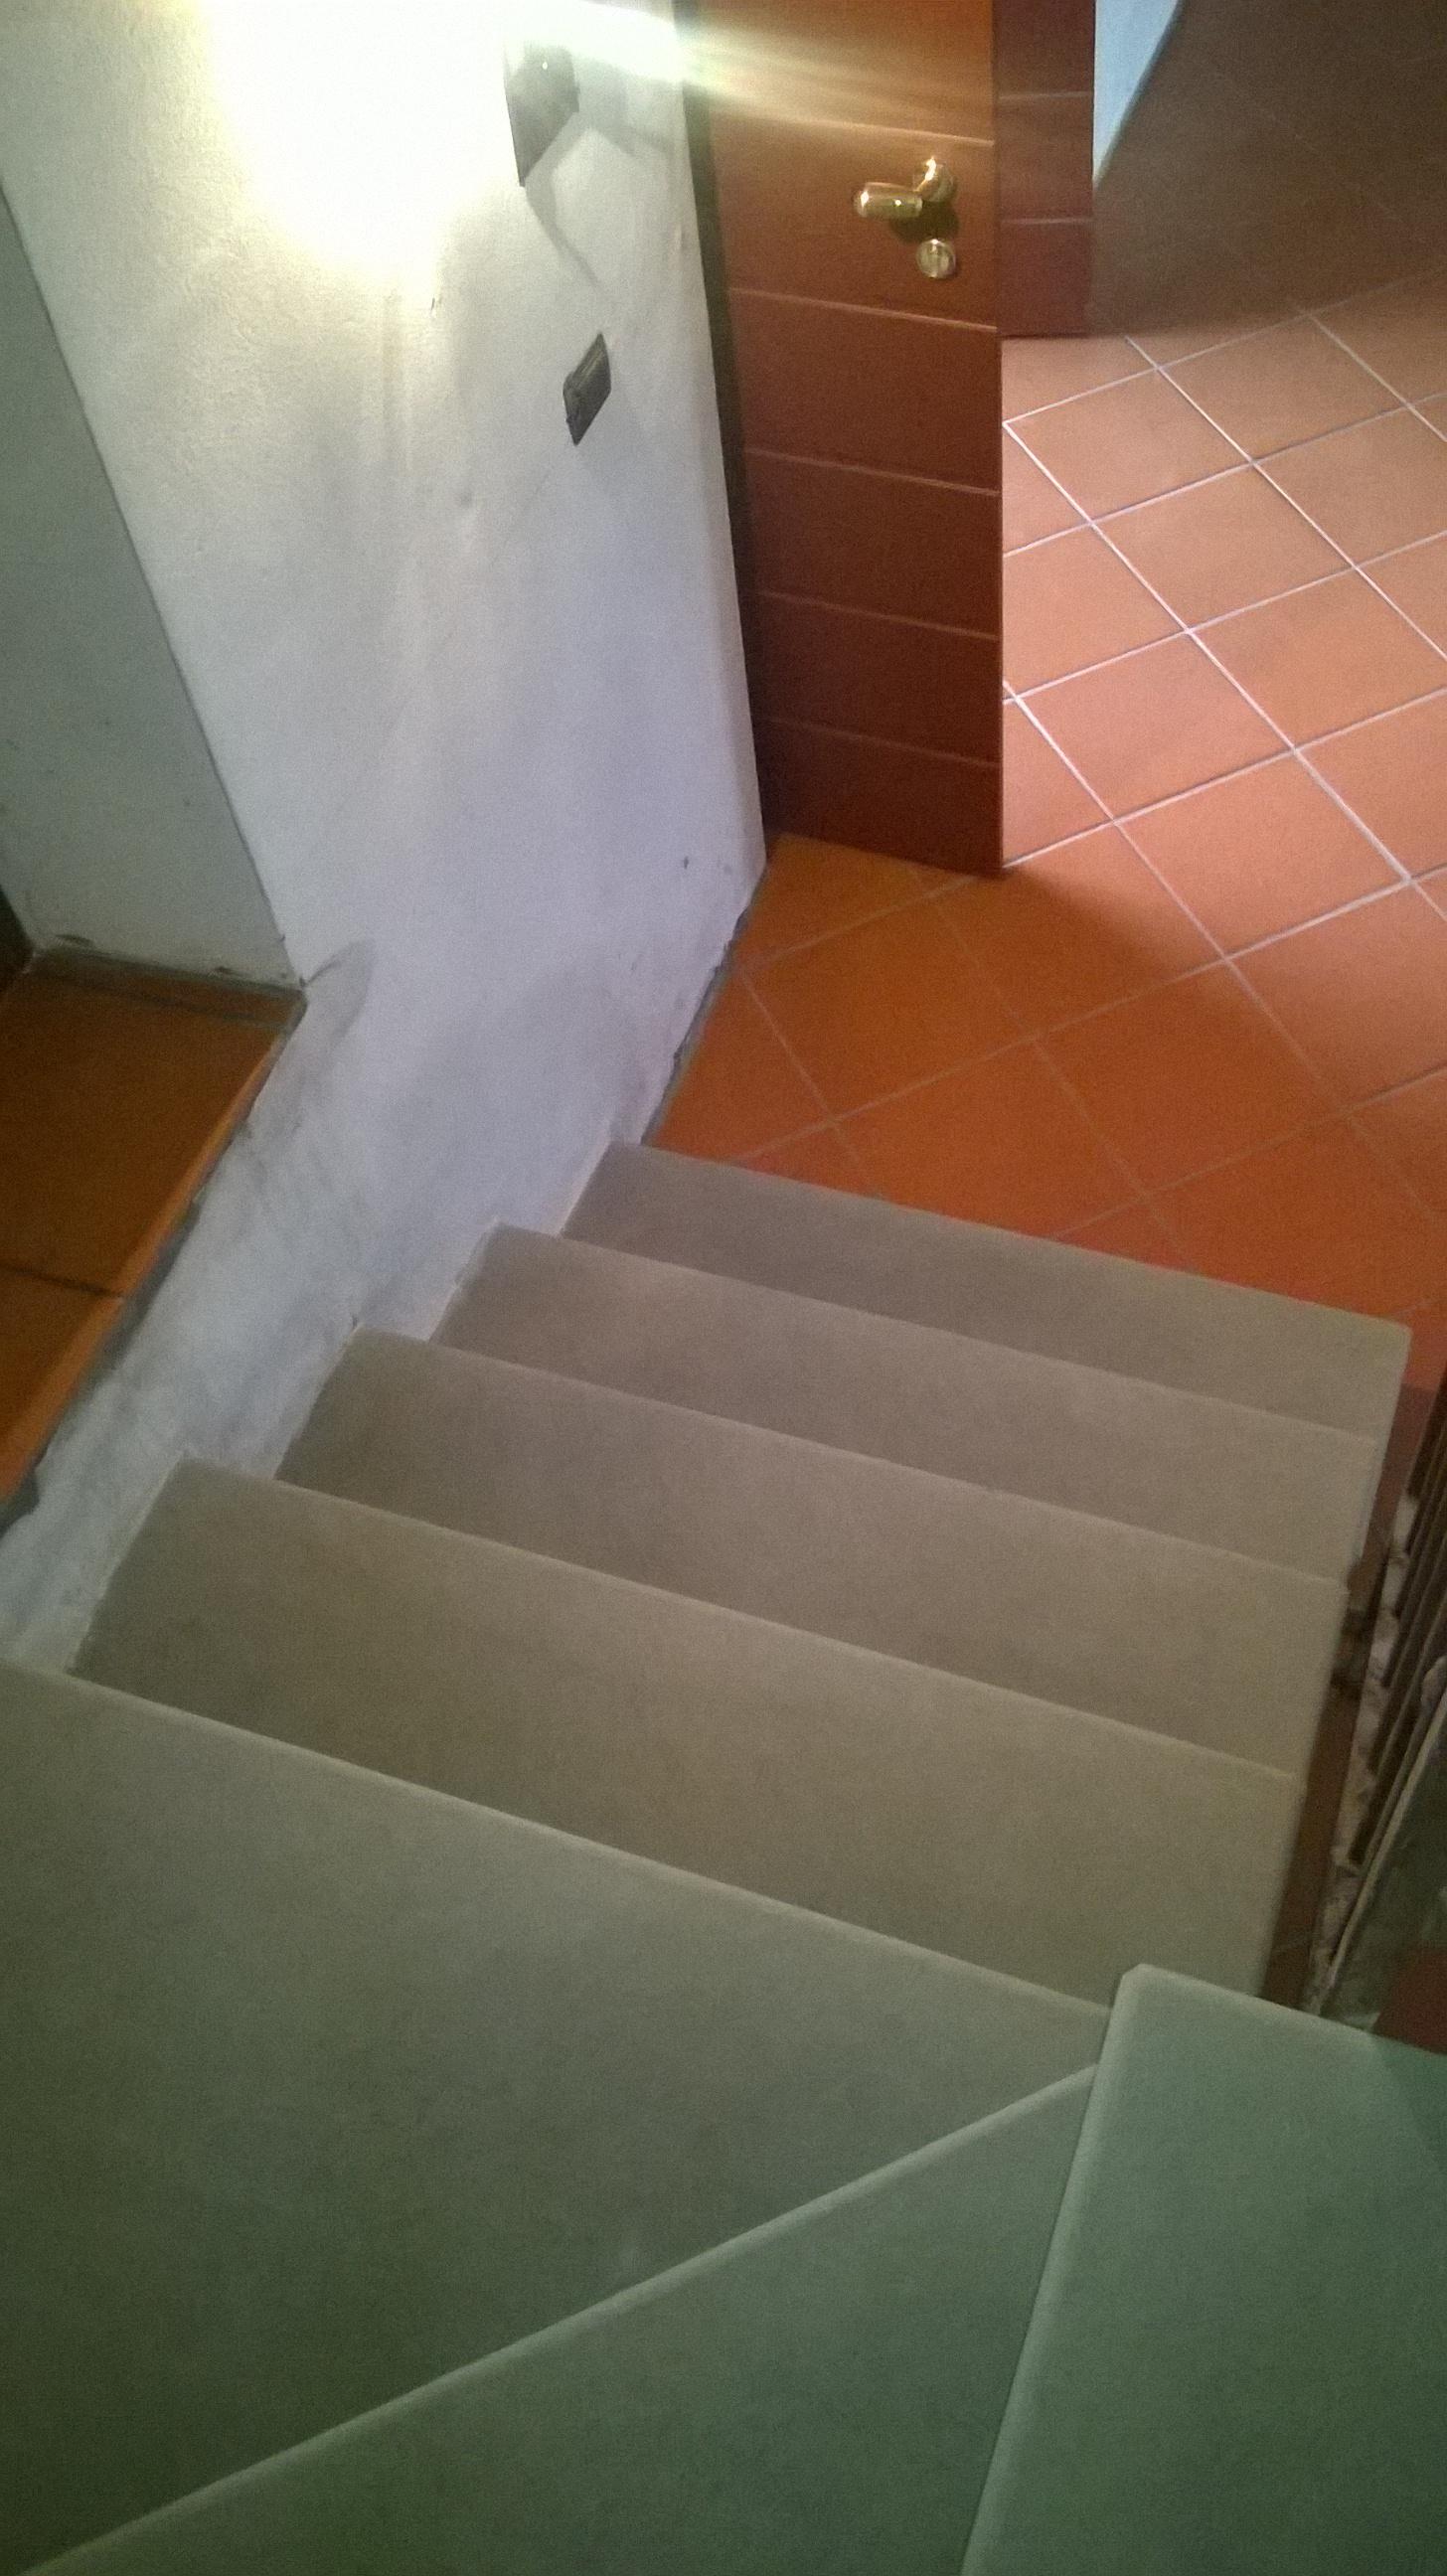 Trattamento pavimento in cotto guidetti marmo parquet - Pulizia piastrelle dopo posa aceto ...